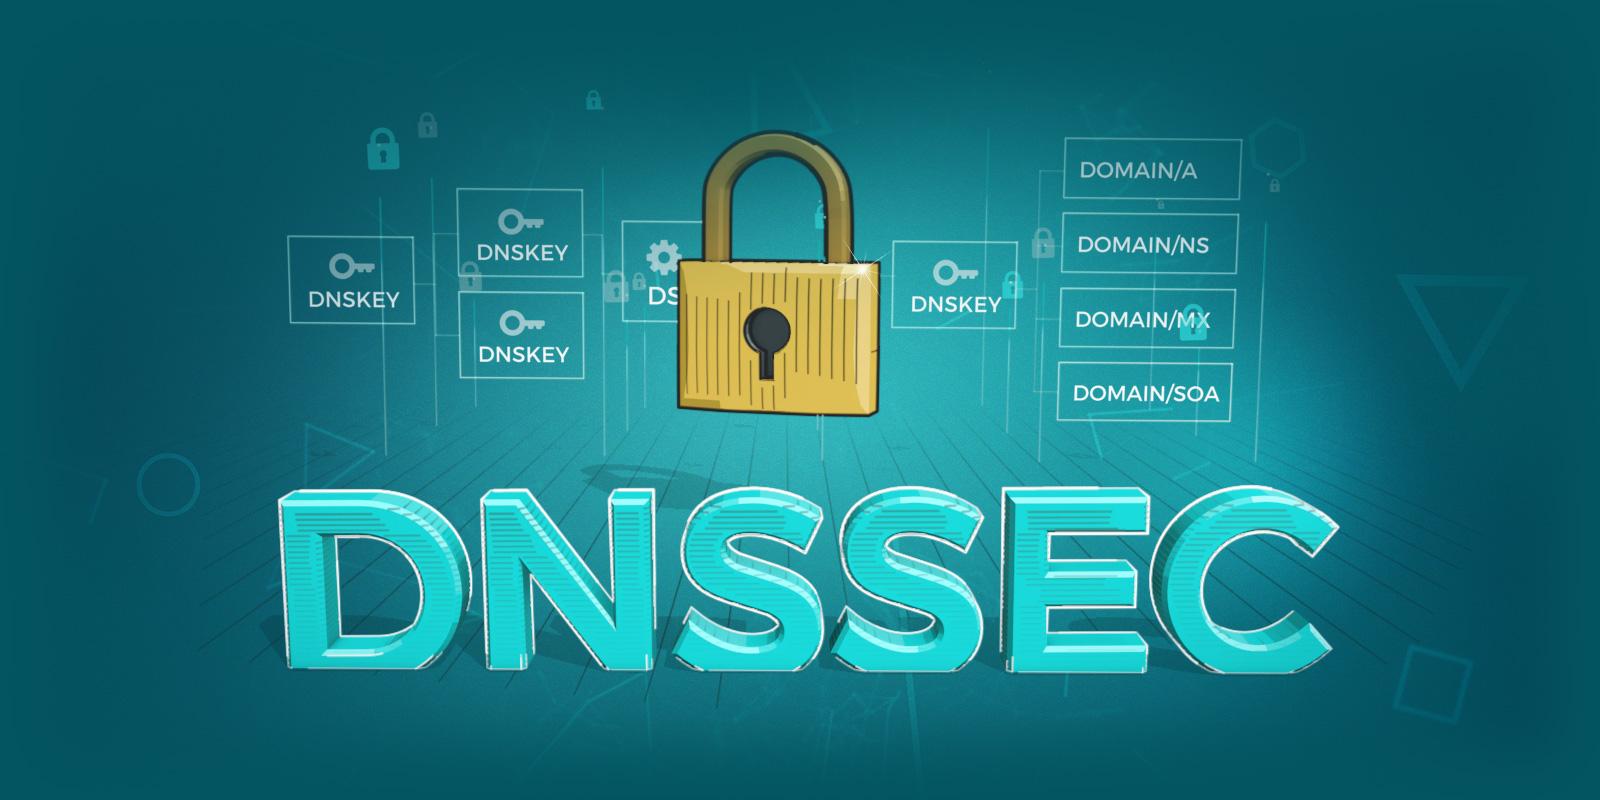 Activer DNSSEC et protéger vos noms de domaine !